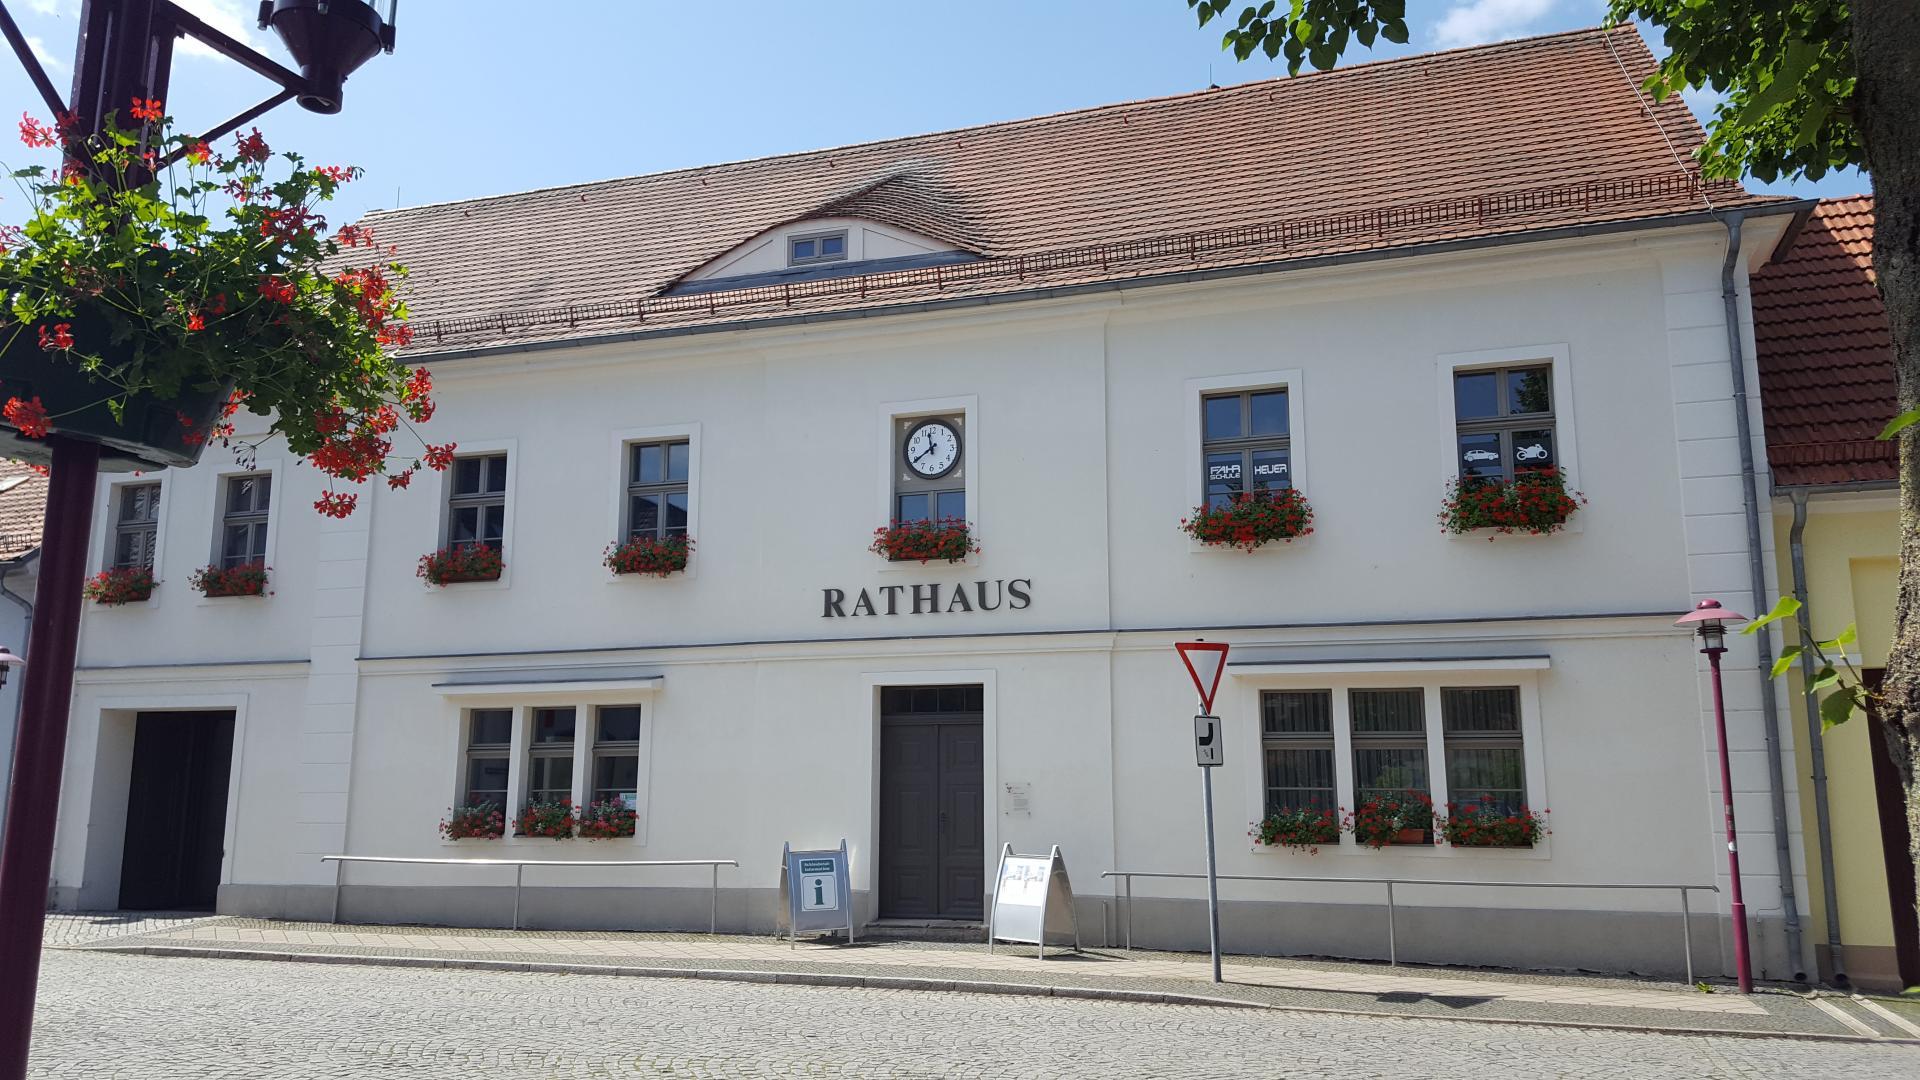 Rathaus mit Schlaubetal-Information